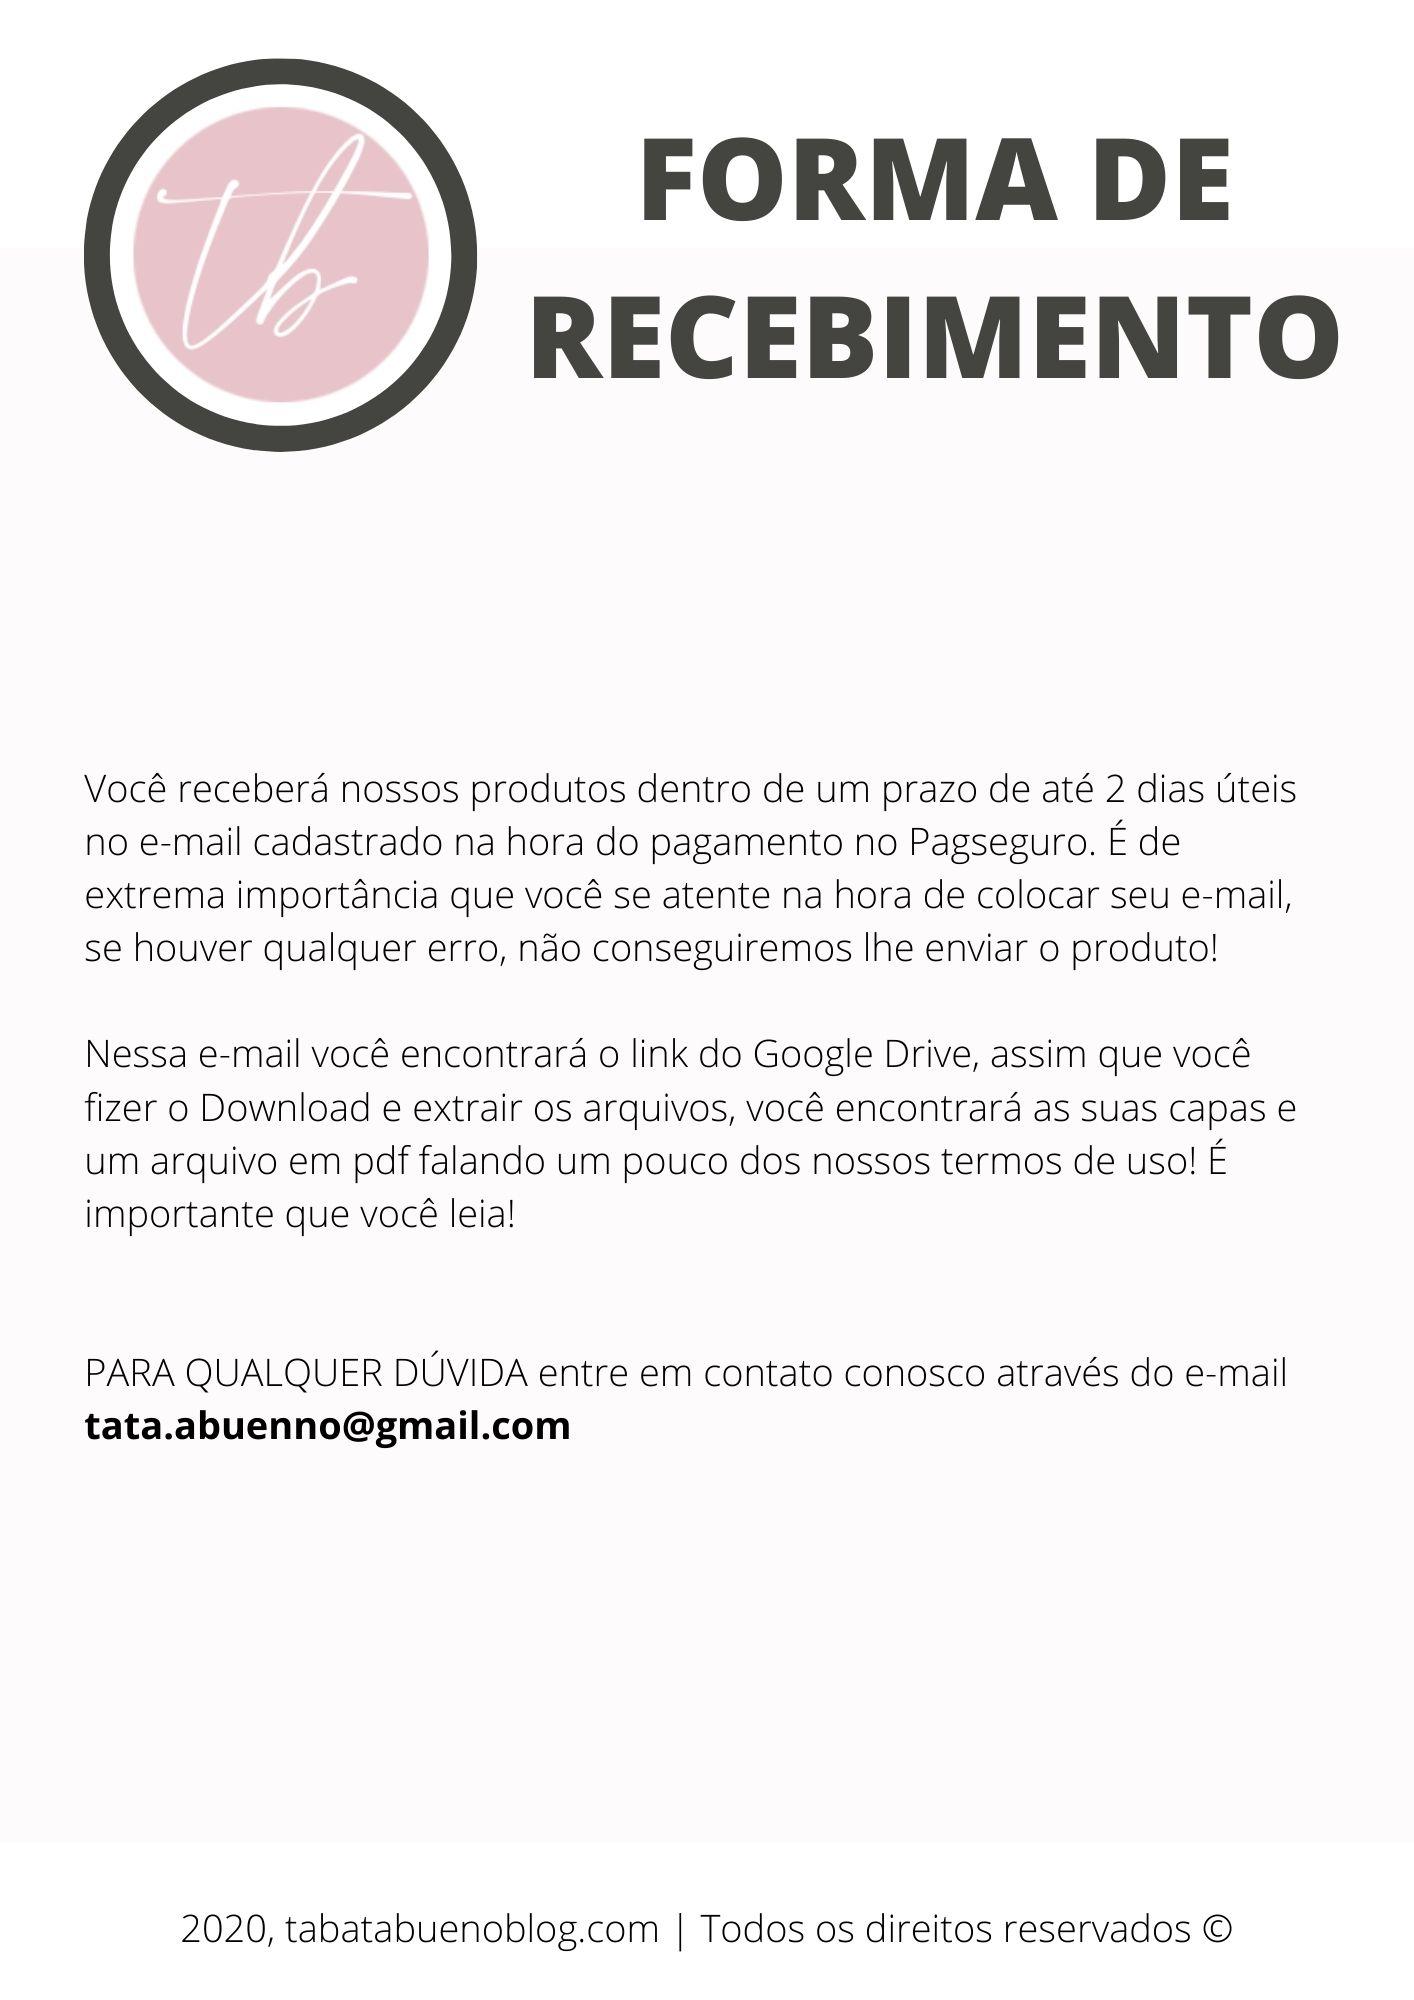 FORMA DE RECEBIMENTO CAPAS DE DESTAQUES INSTAGRAM!